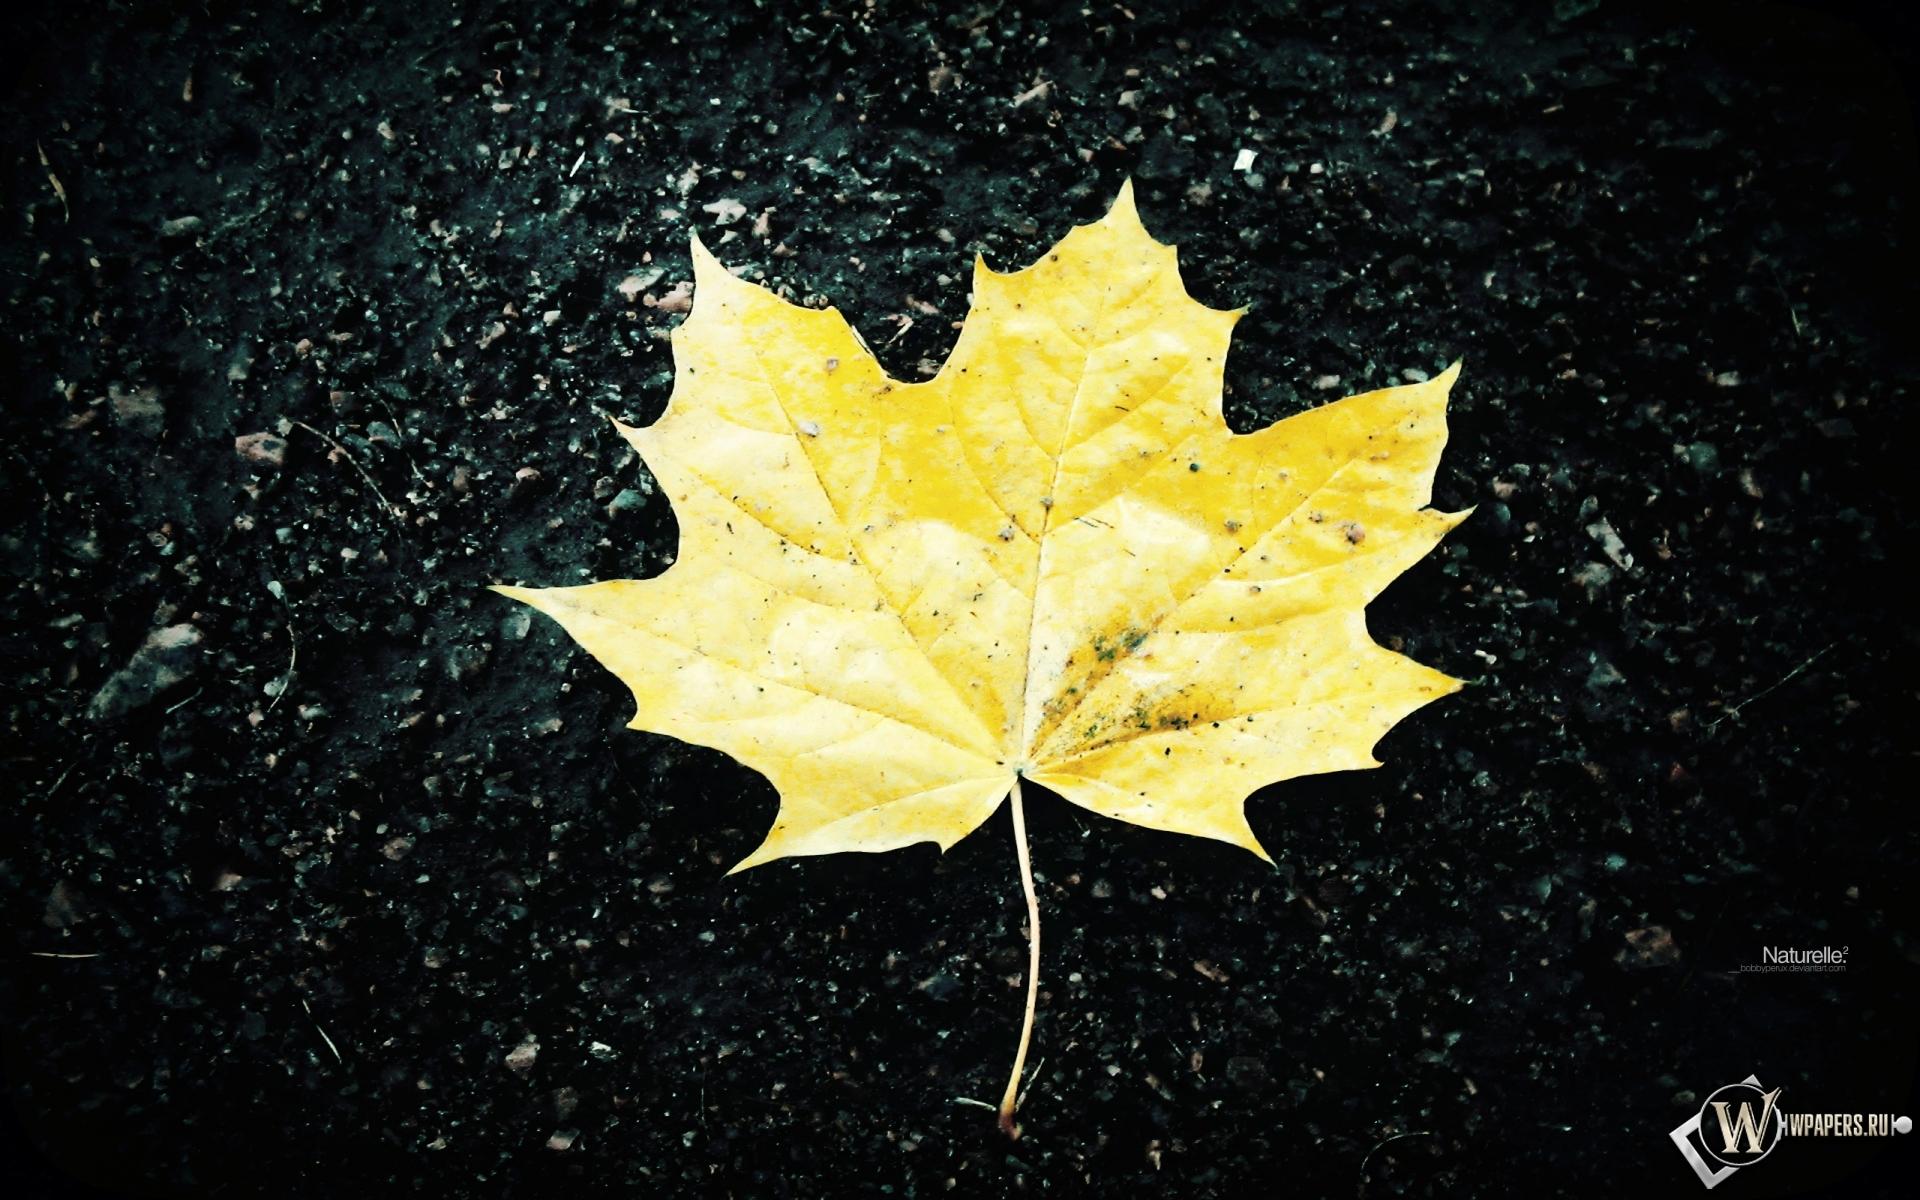 Жёлтый кленовый лист 1920x1200